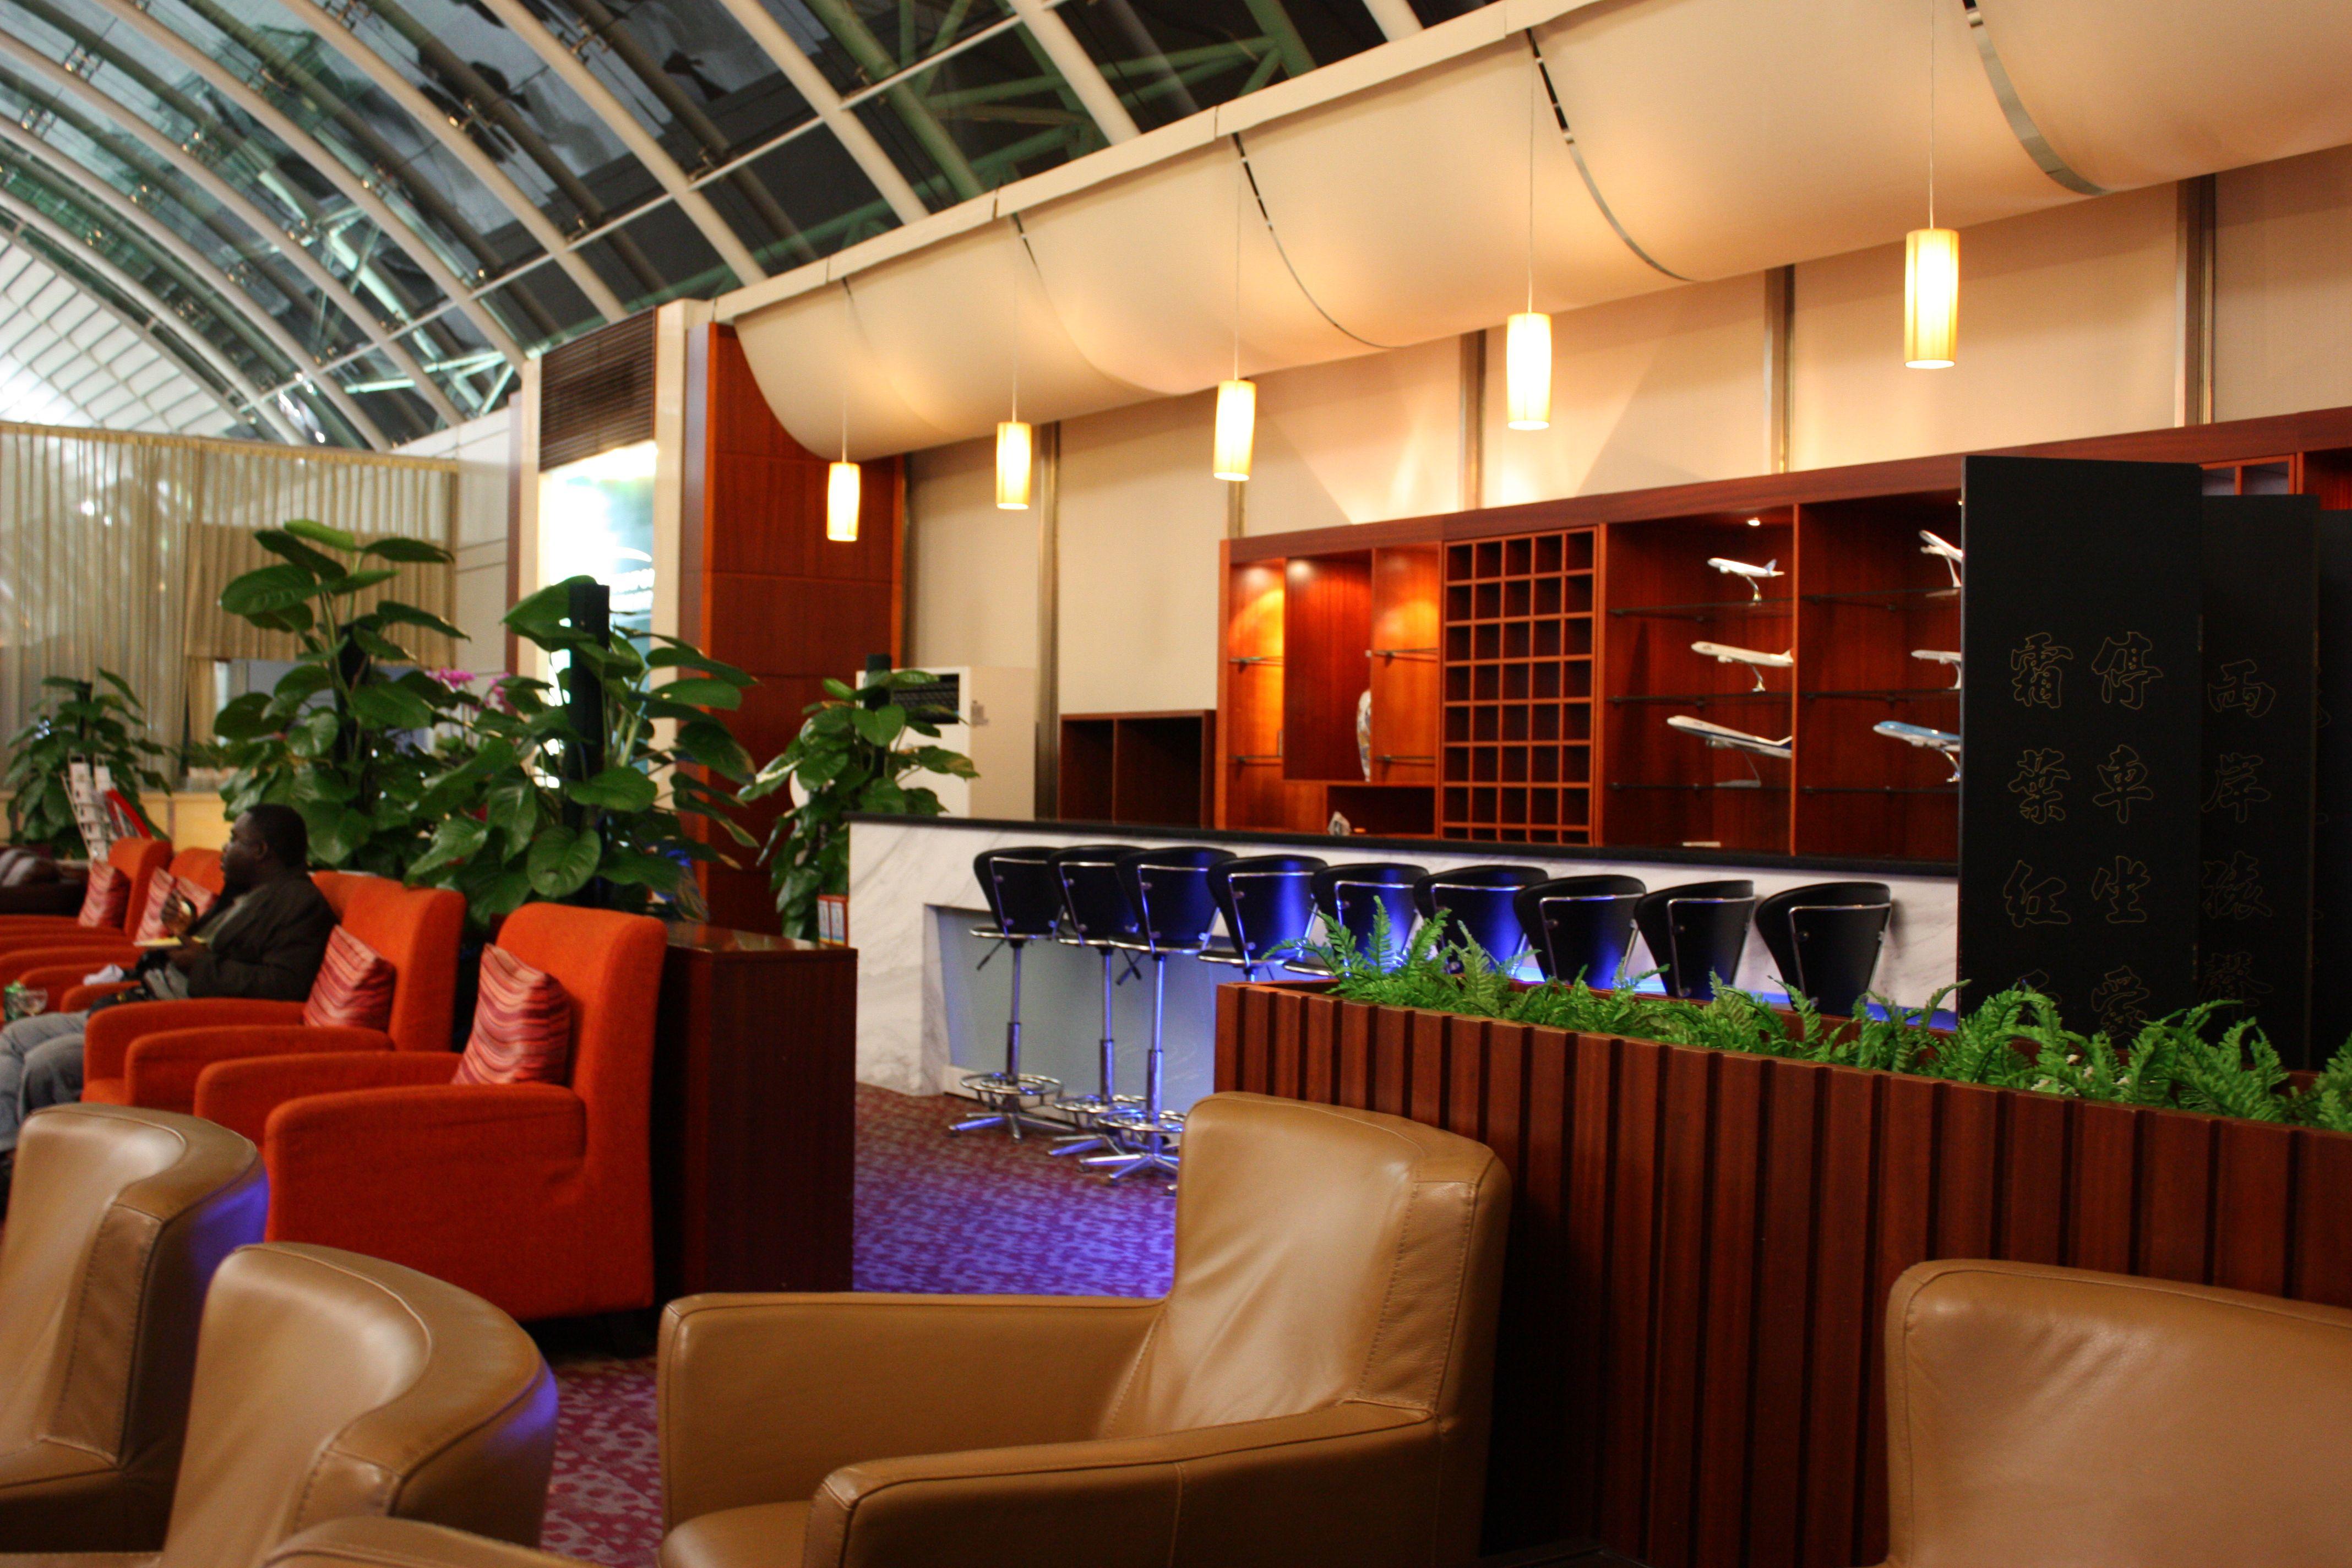 The great First Class Lounge at China Guangzhou - Baiyun ...